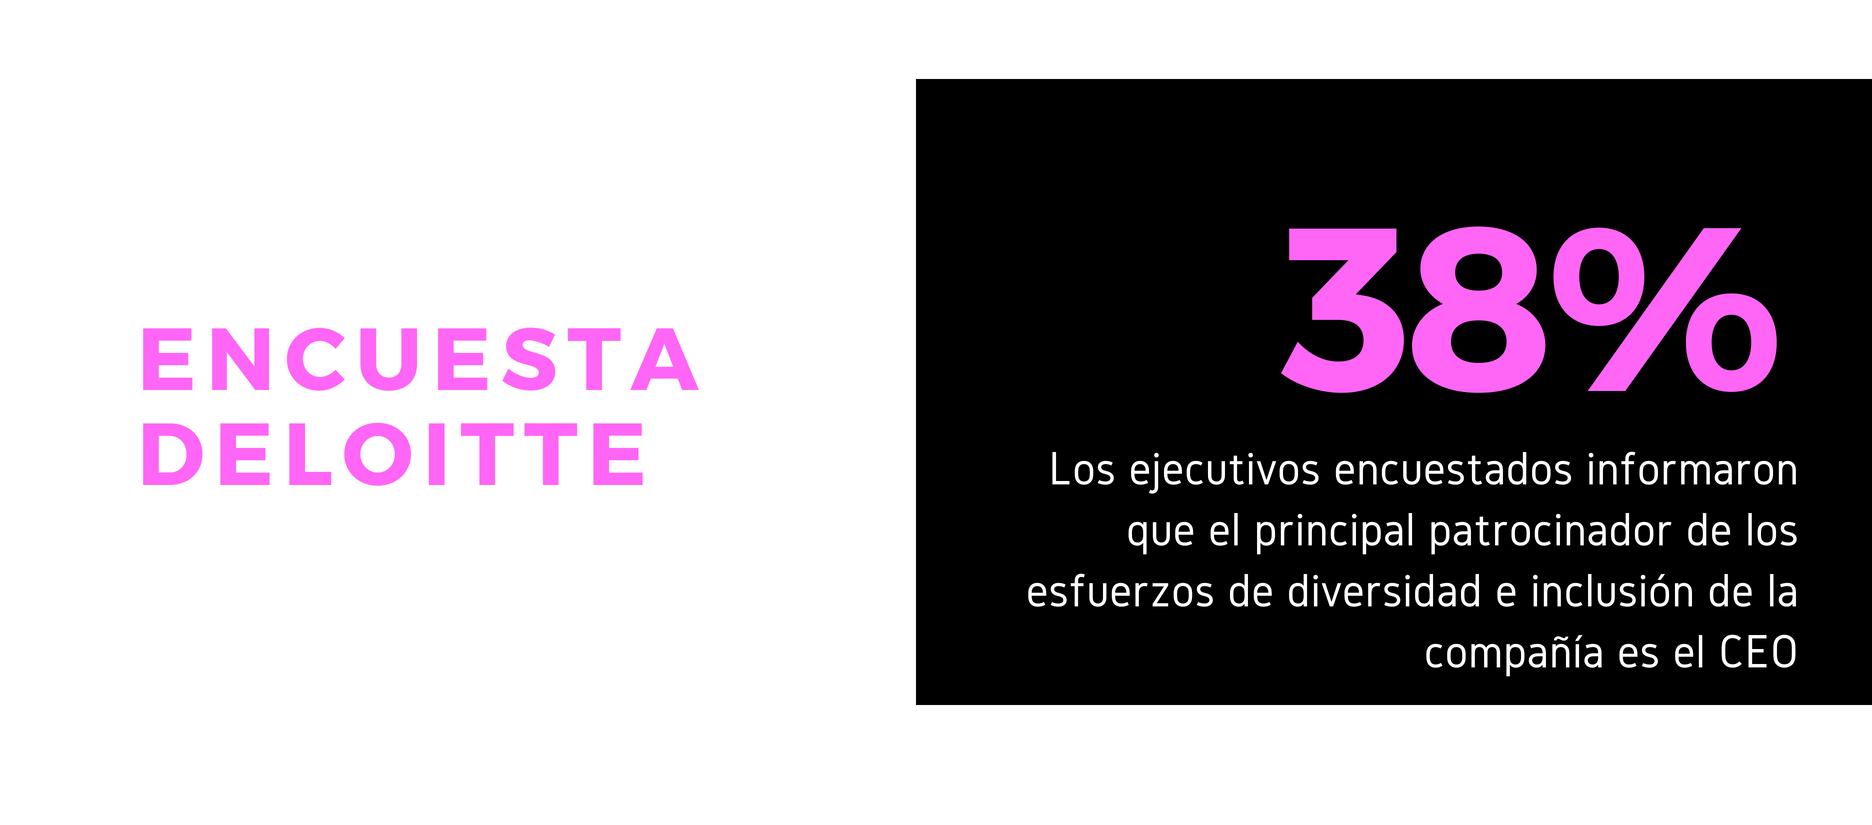 diversidad-laboral-encuesta-Deloitte